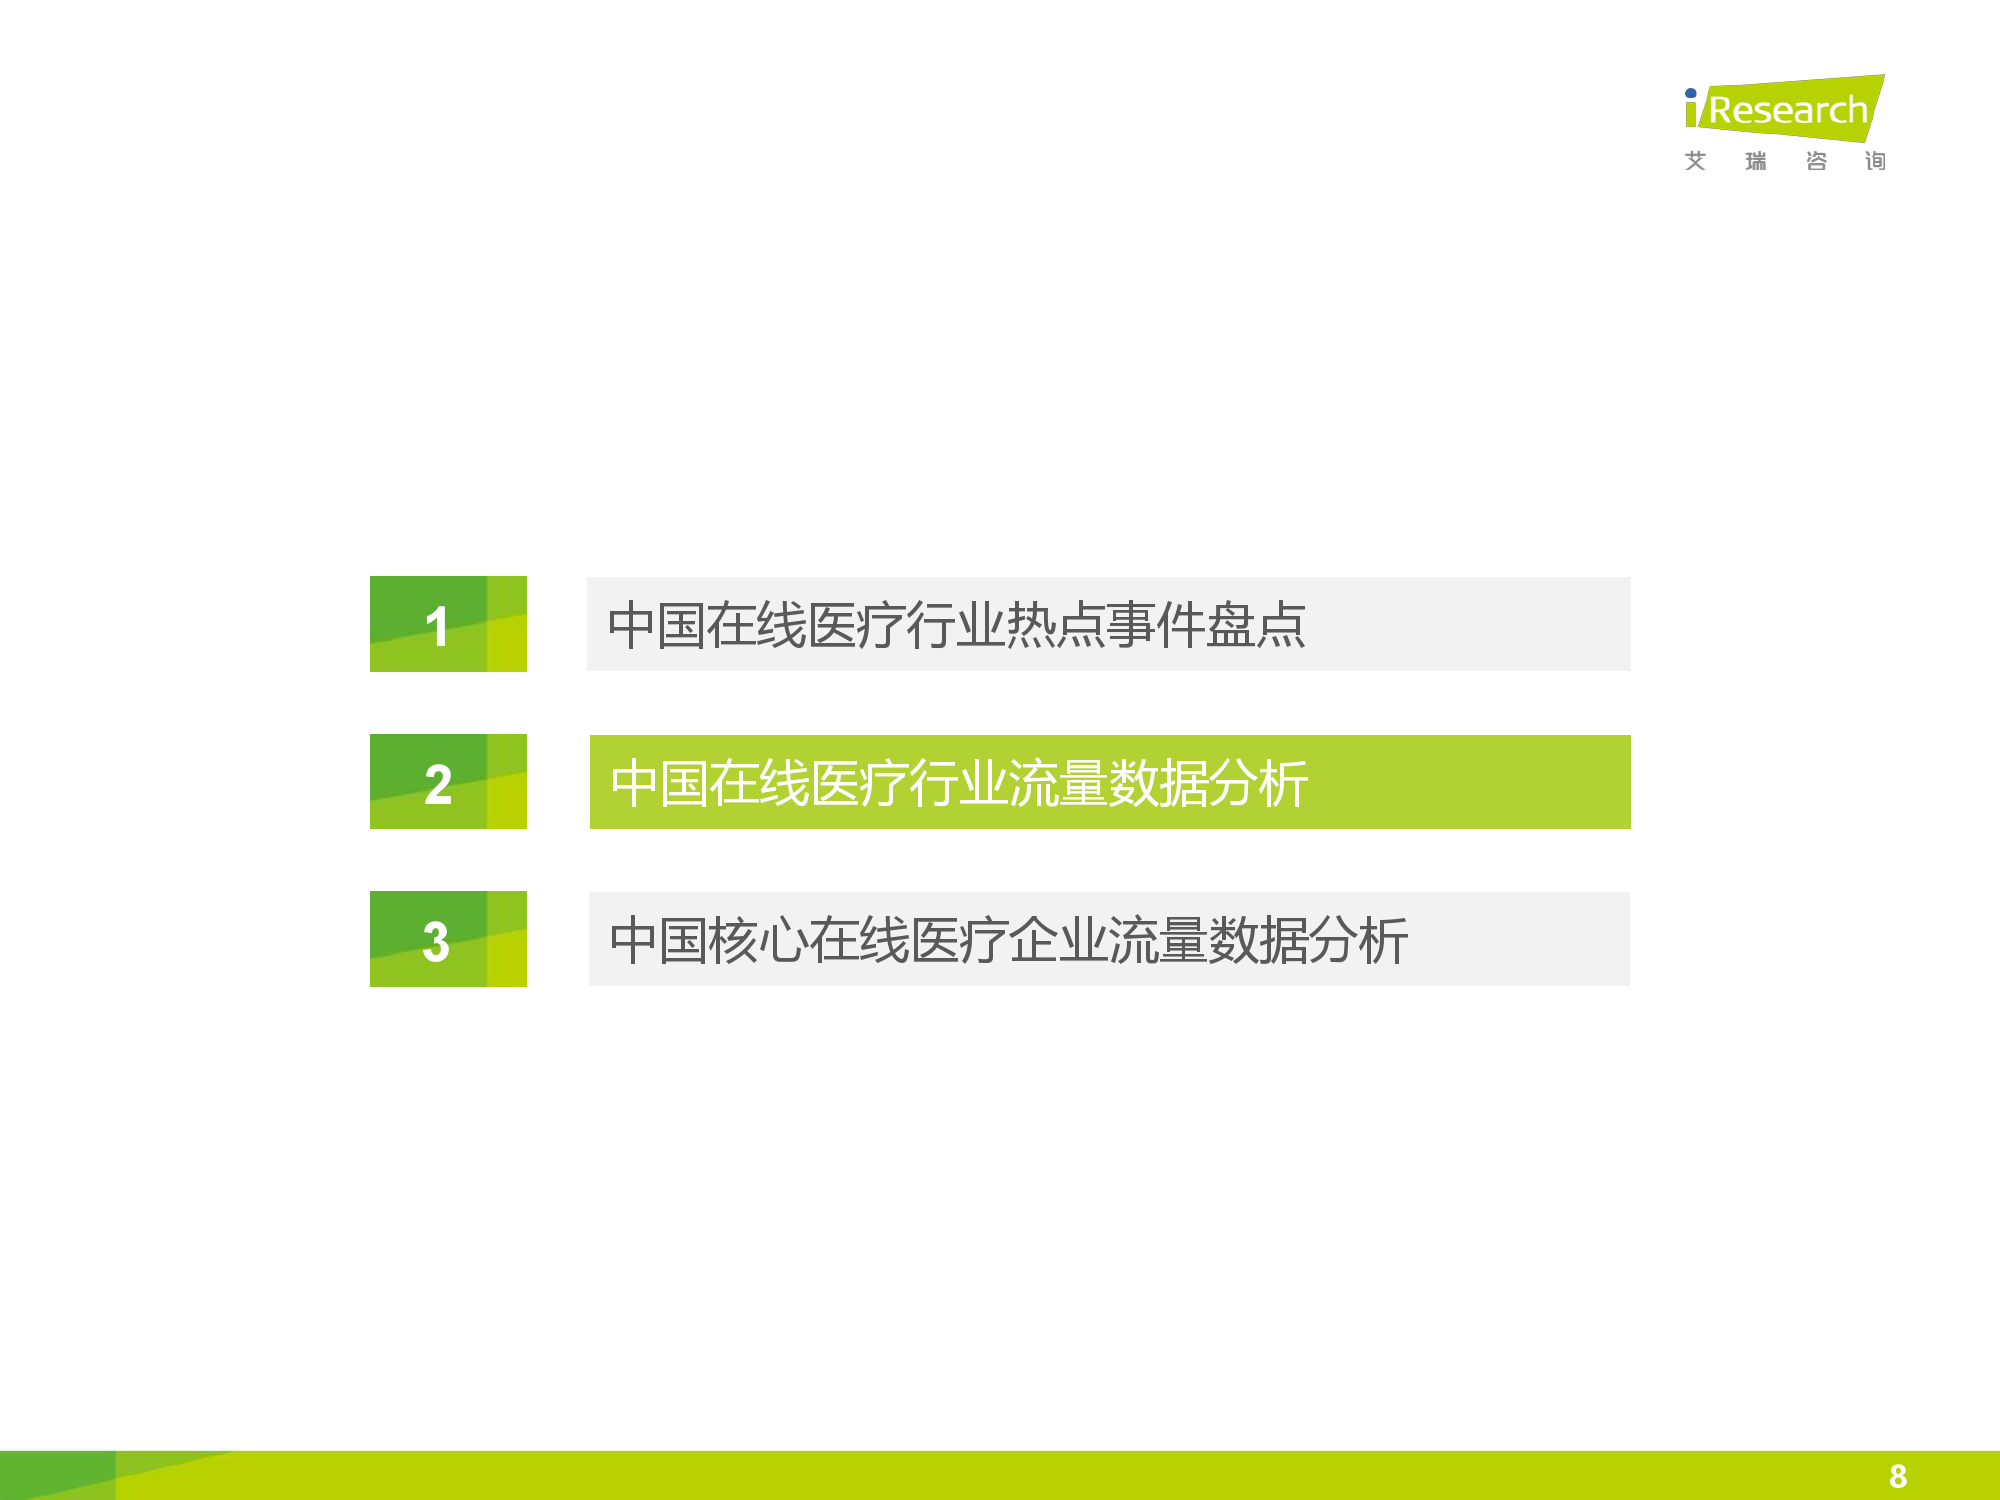 2016年中国在线医疗行业数据监测报告_000008